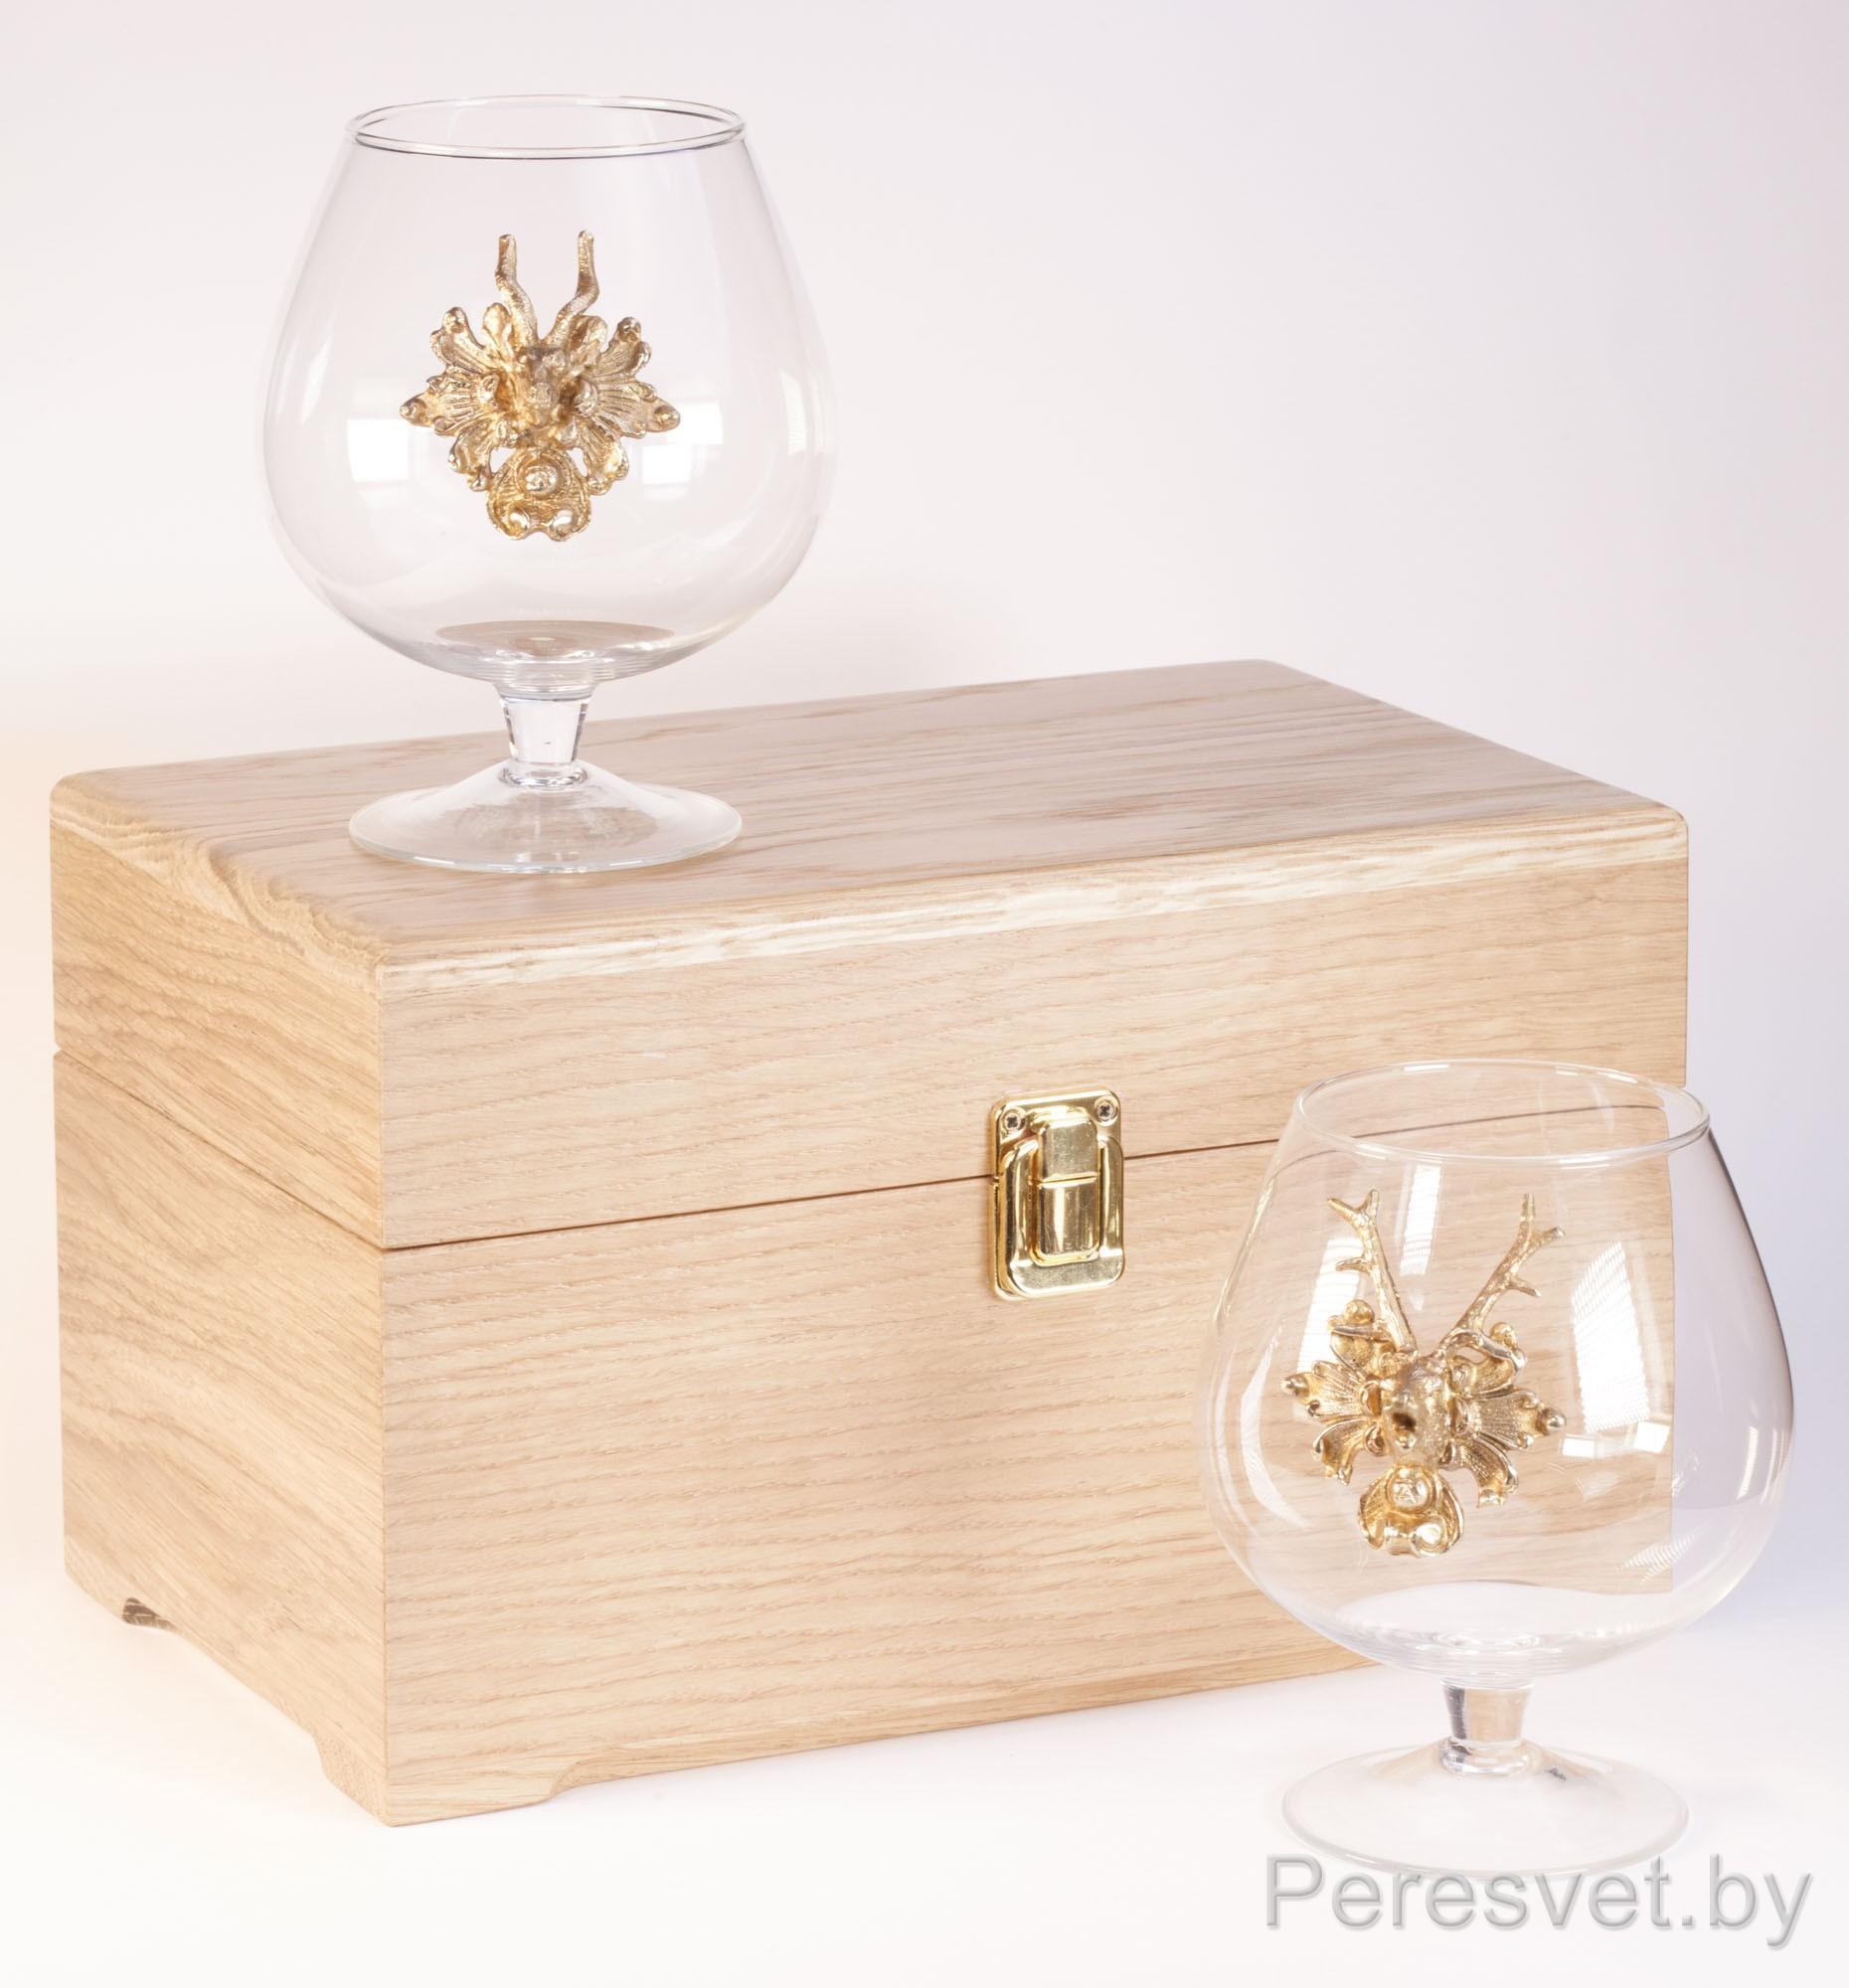 Подарочный набор бокалов для вина в дубовой упаковке Князь Бронза на peresvet.by